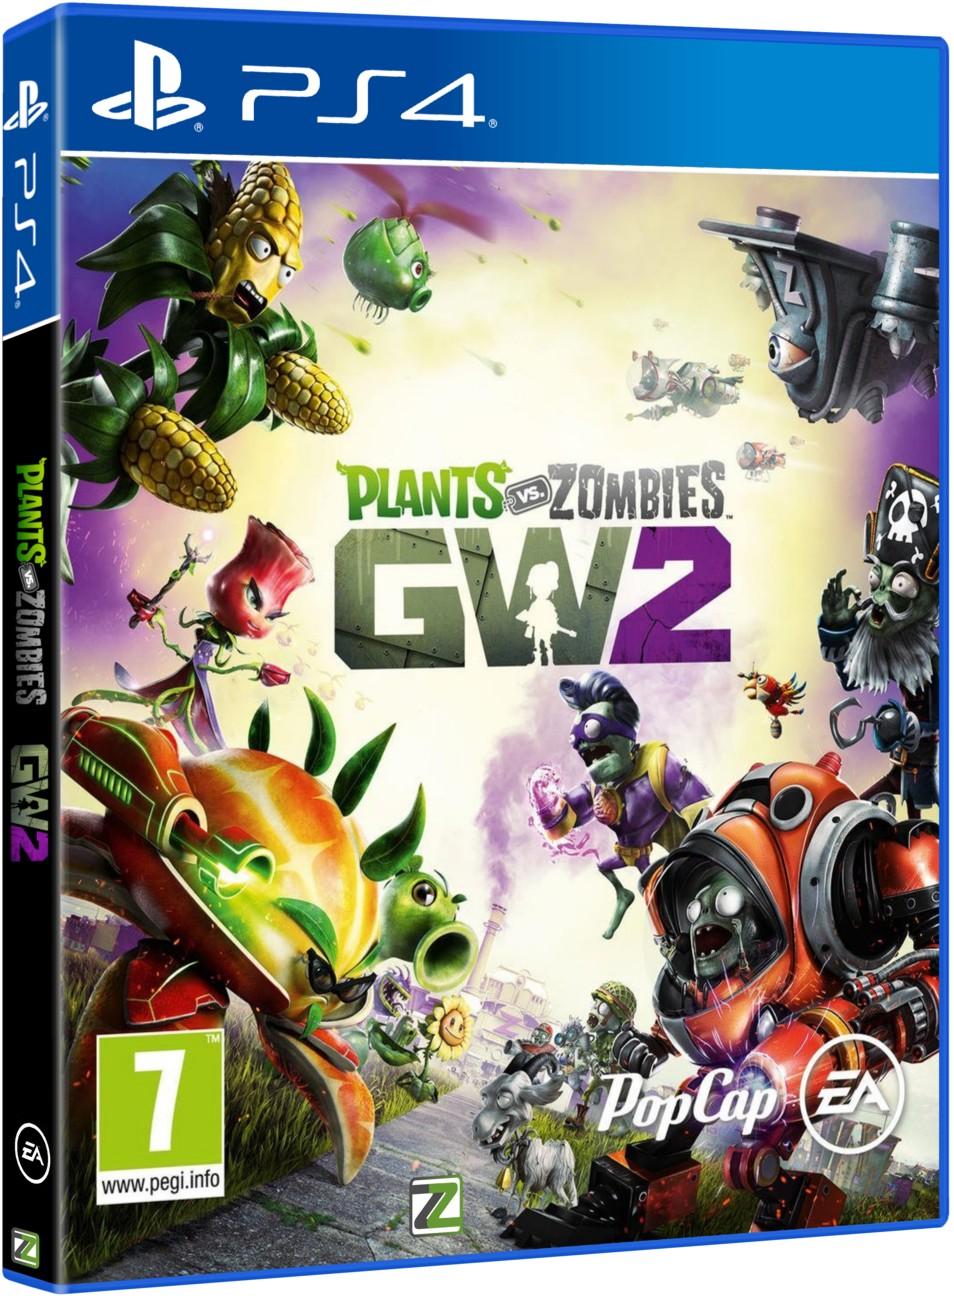 PLANTS VS. ZOMBIES: GARDEN WARFARE 2 - PS4